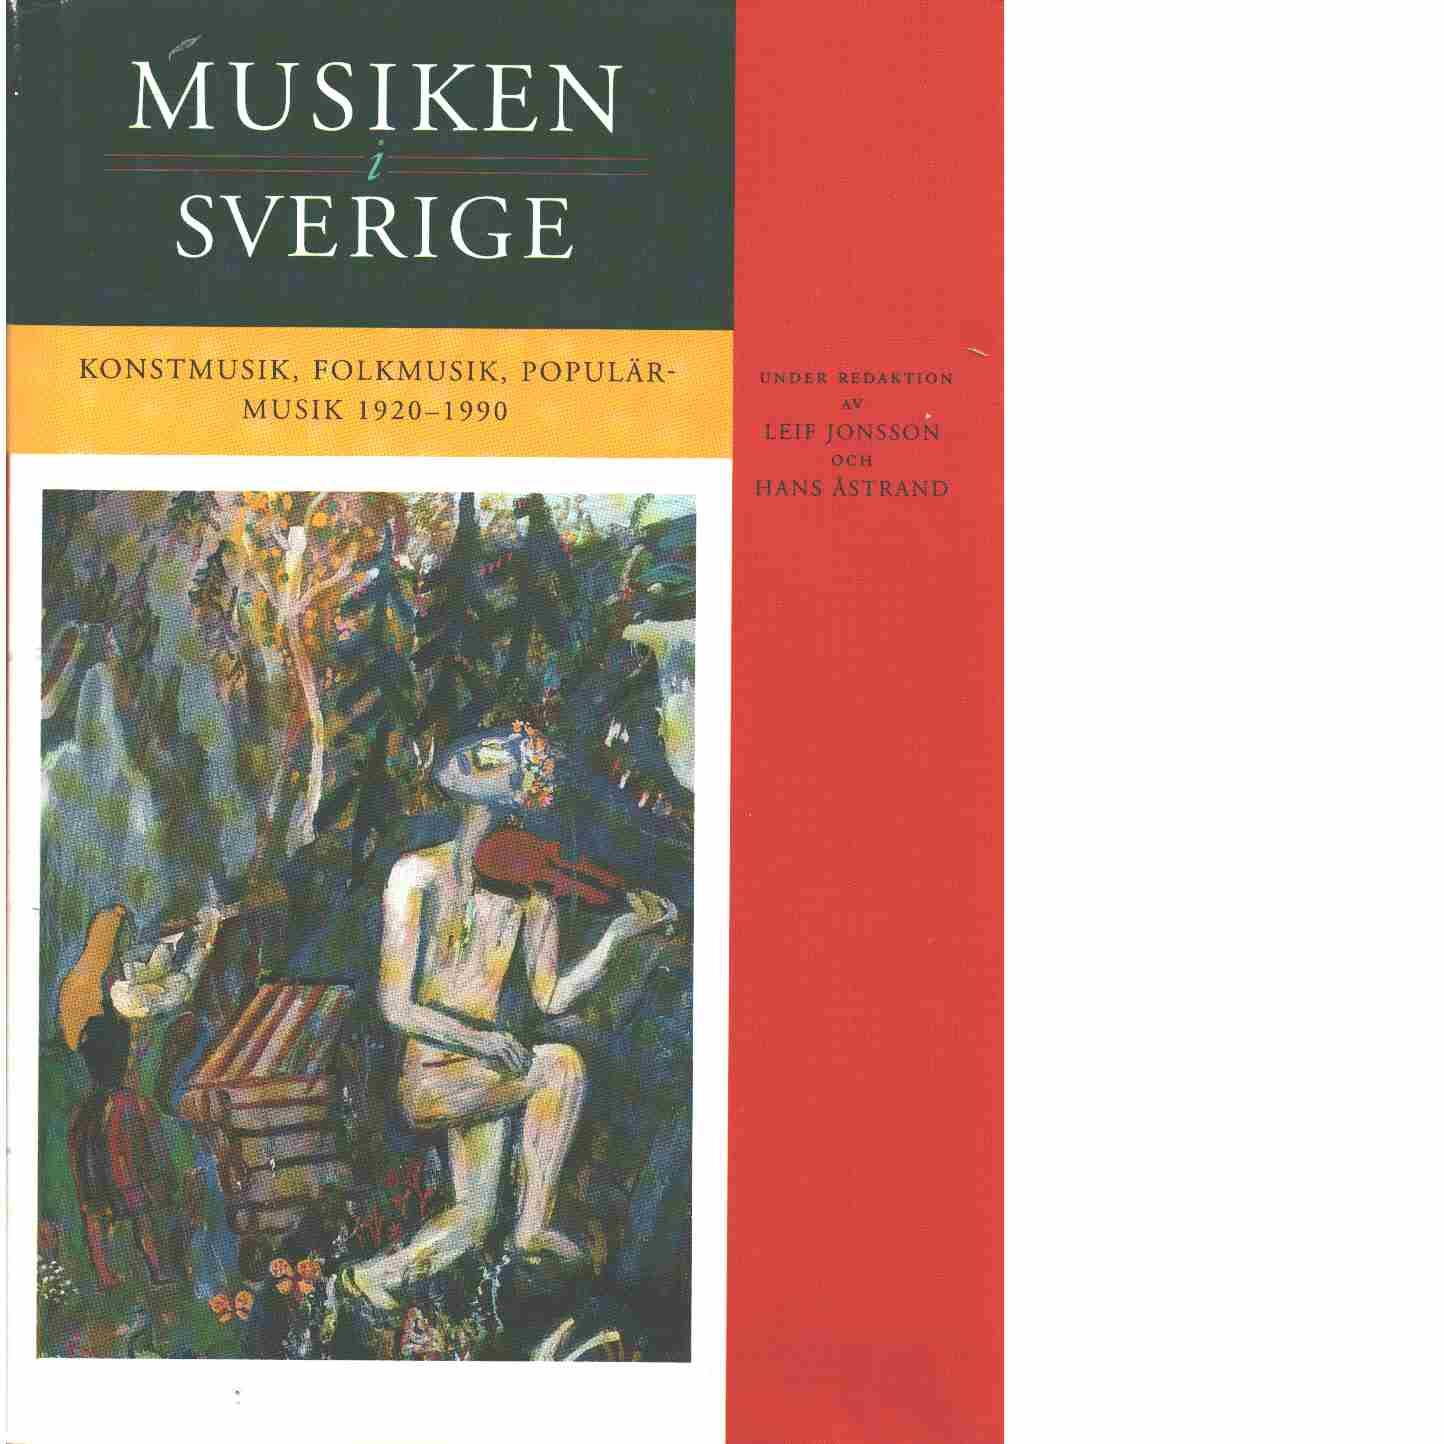 Musiken i Sverige IV : Konstmusik, folkmusik, populärmusik 1920-1990 - Red. Jonsson, Leif och Tegen, Martin